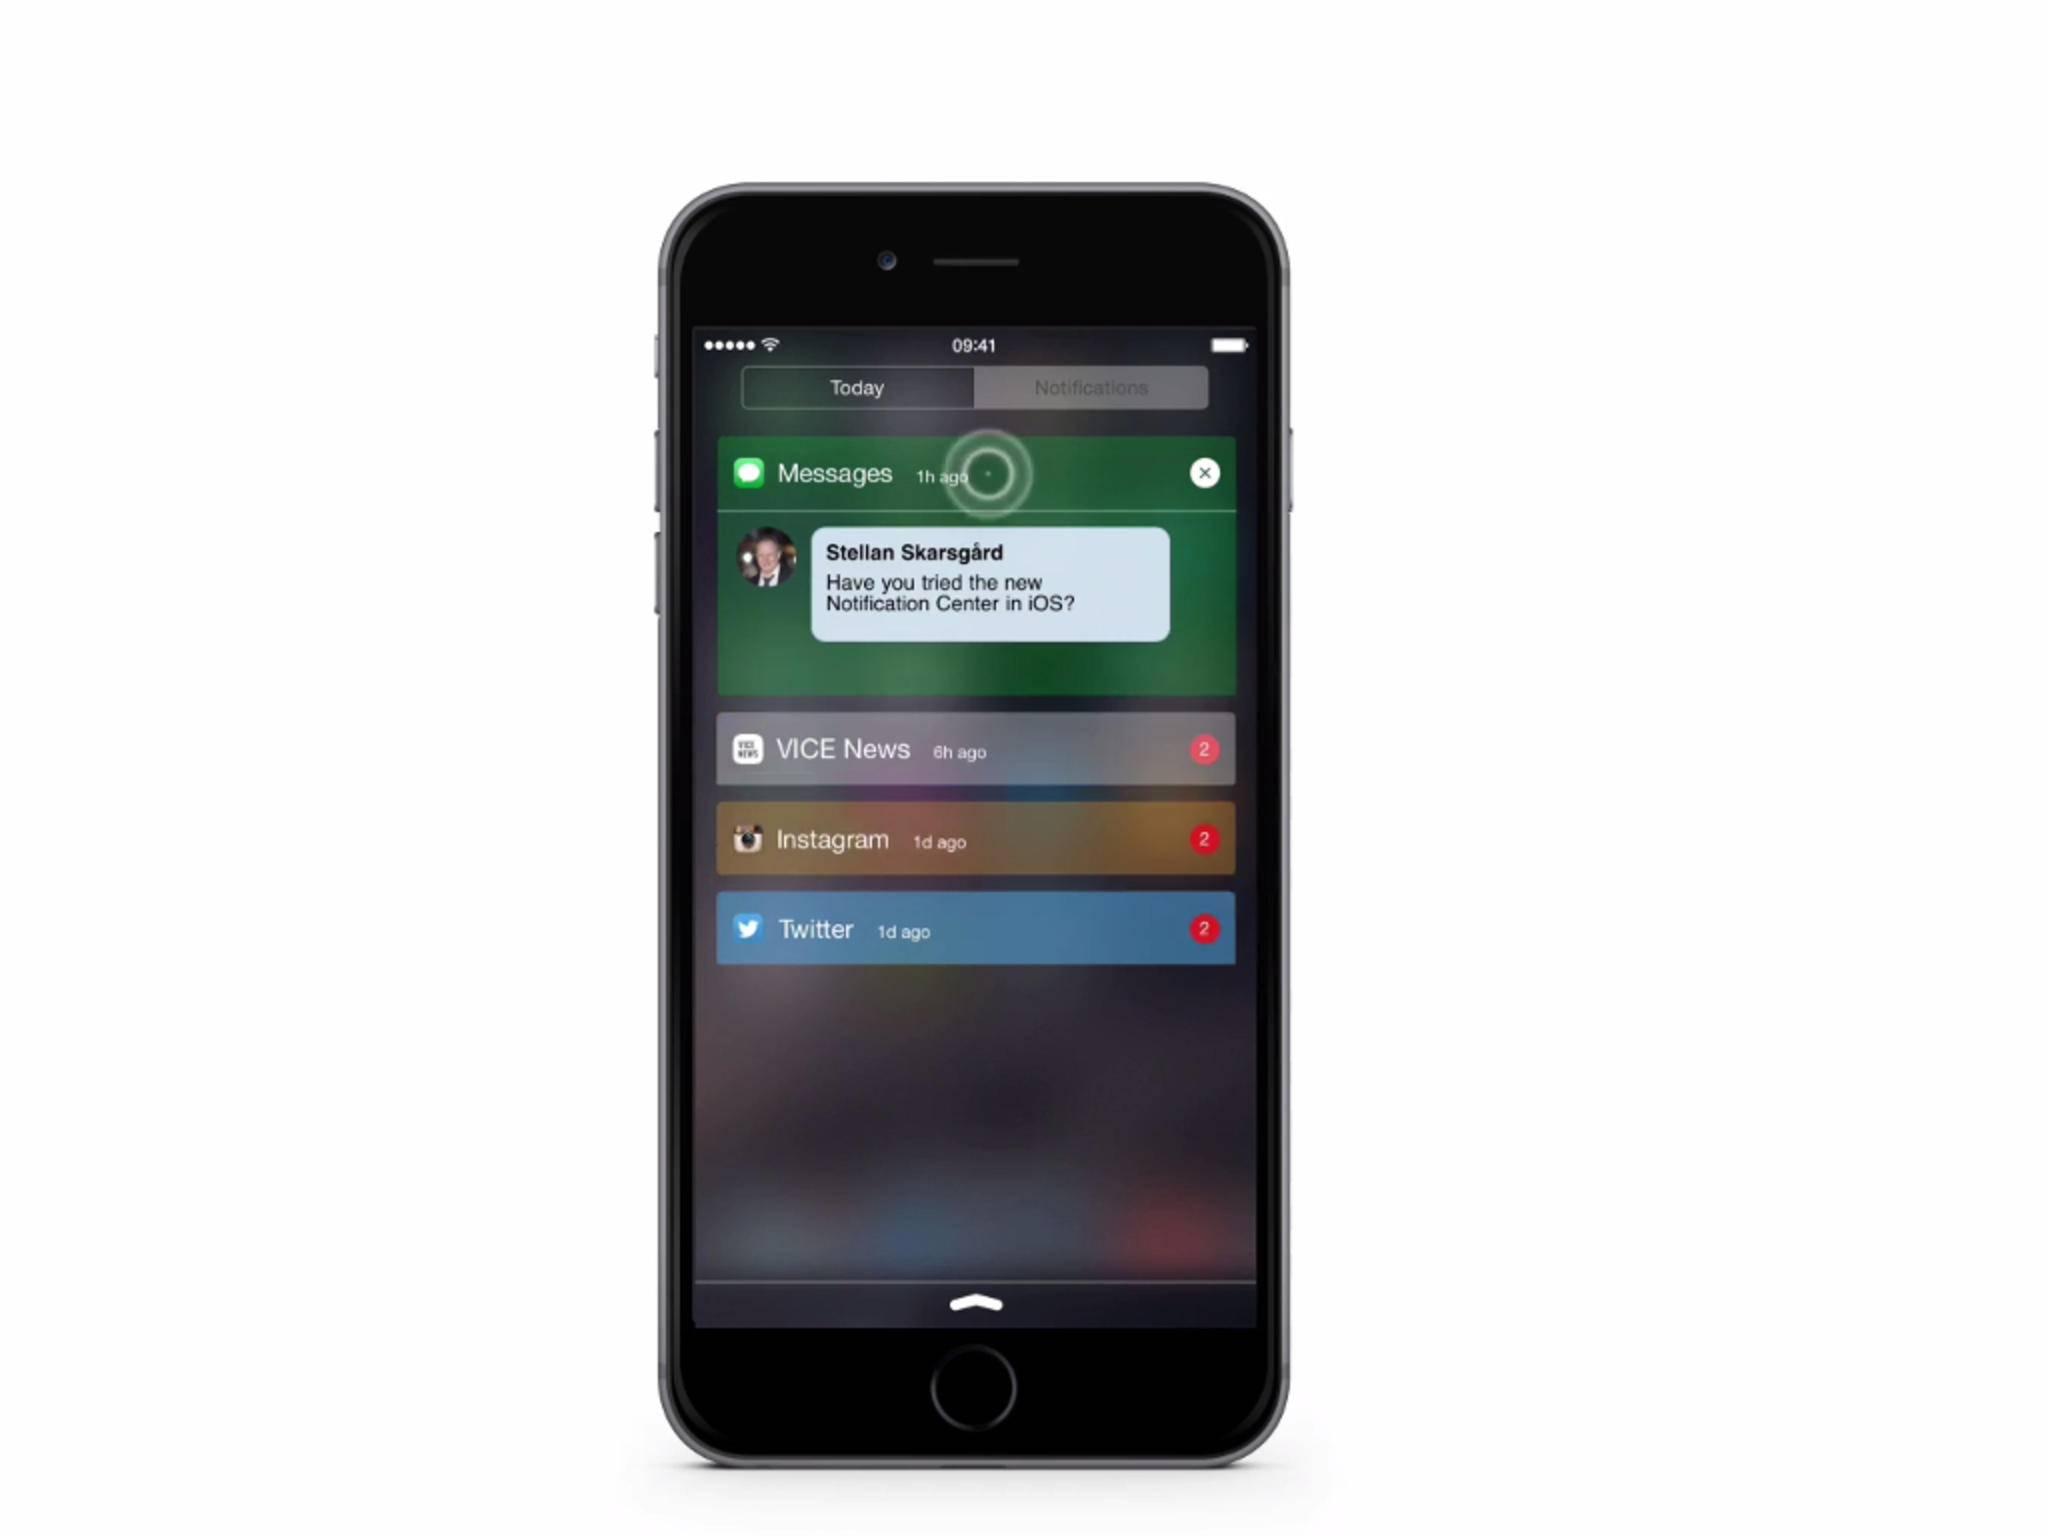 So könnte die Benachrichtigungszentrale unter iOS 9 aussehen.